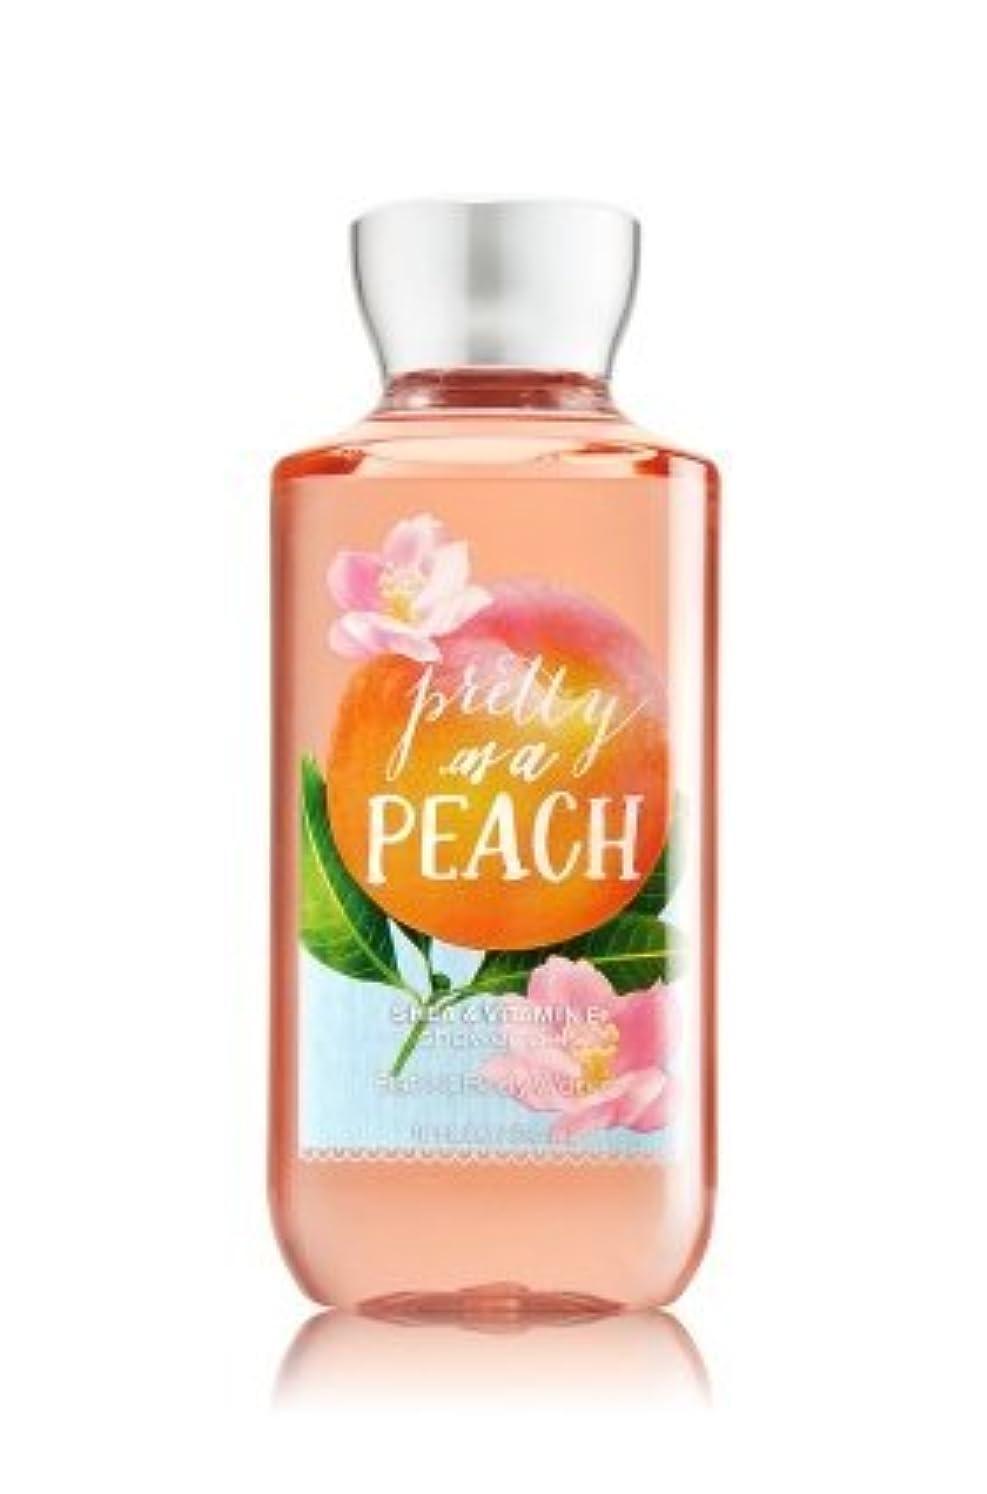 ストレンジャーパーフェルビッド他の日【Bath&Body Works/バス&ボディワークス】 シャワージェル プリティーアズアピーチ Shower Gel Pretty as a Peach 10 fl oz / 295 mL [並行輸入品]